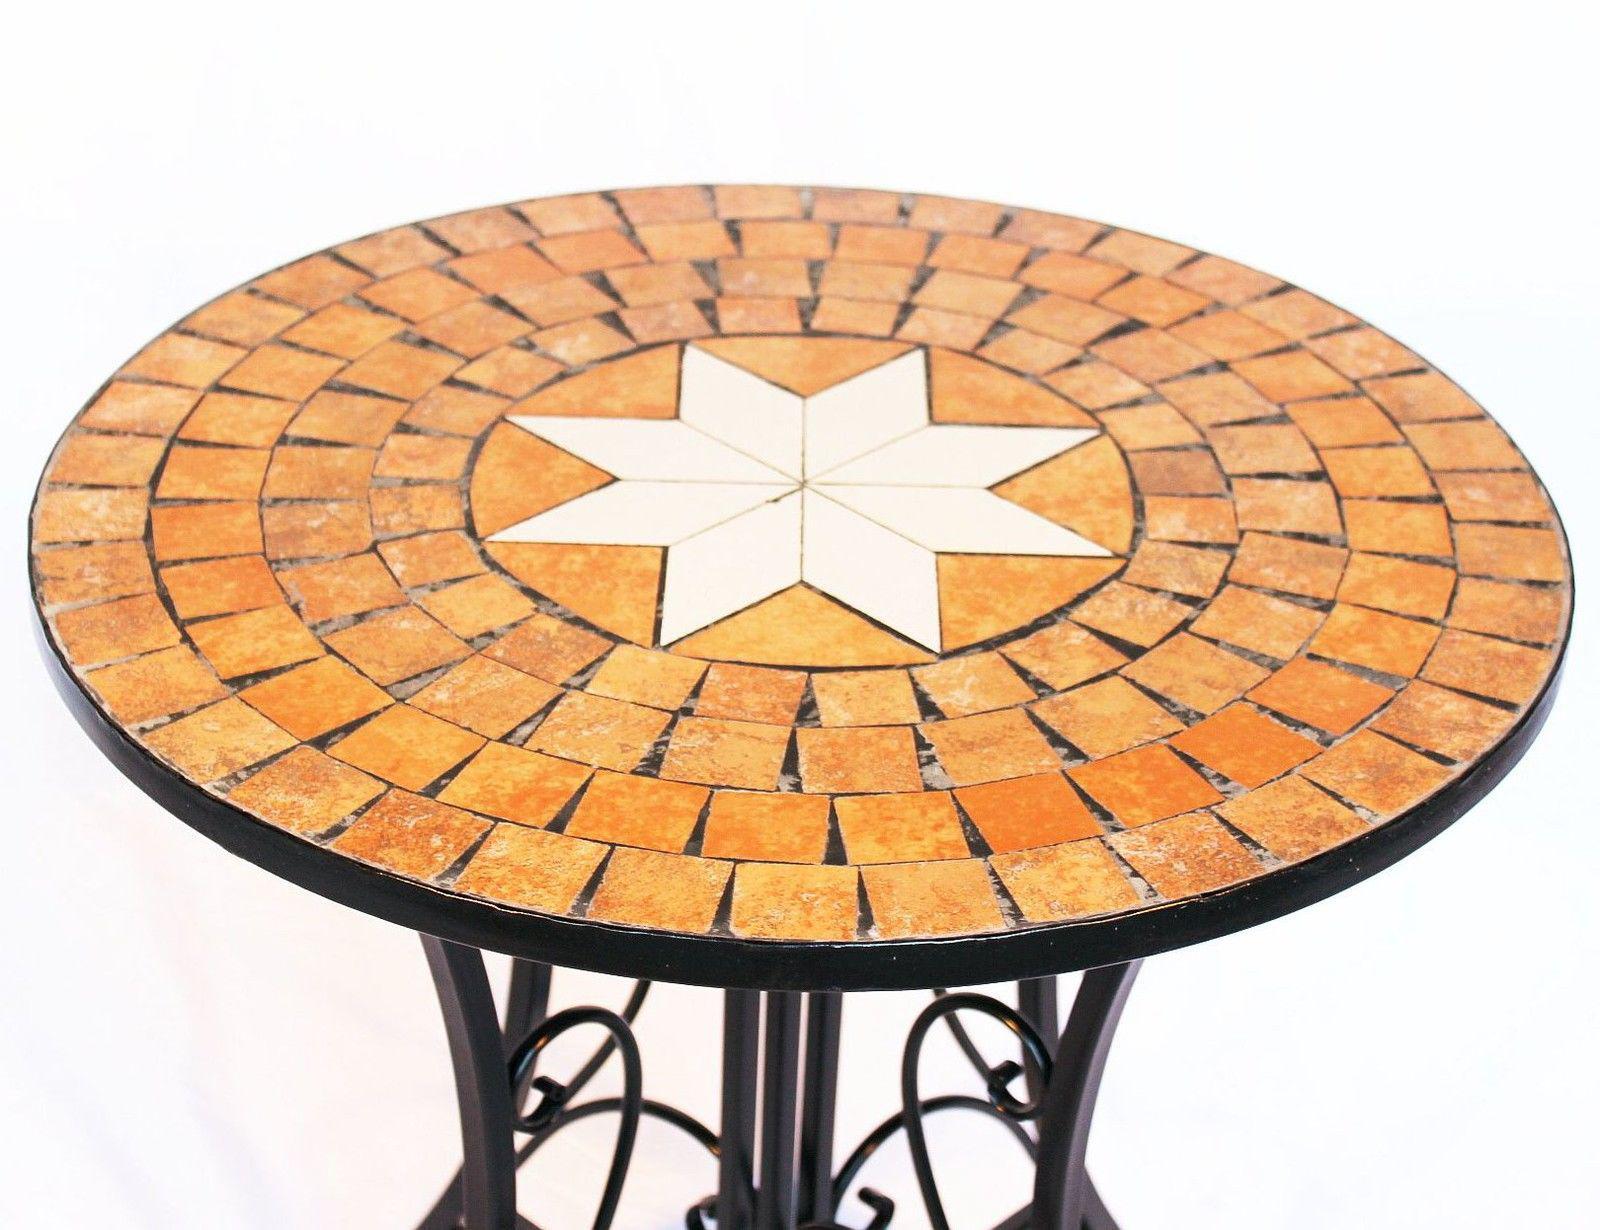 Table mosaïque 12001 de jardin 60cm métal d\'appoint en ronde | eBay